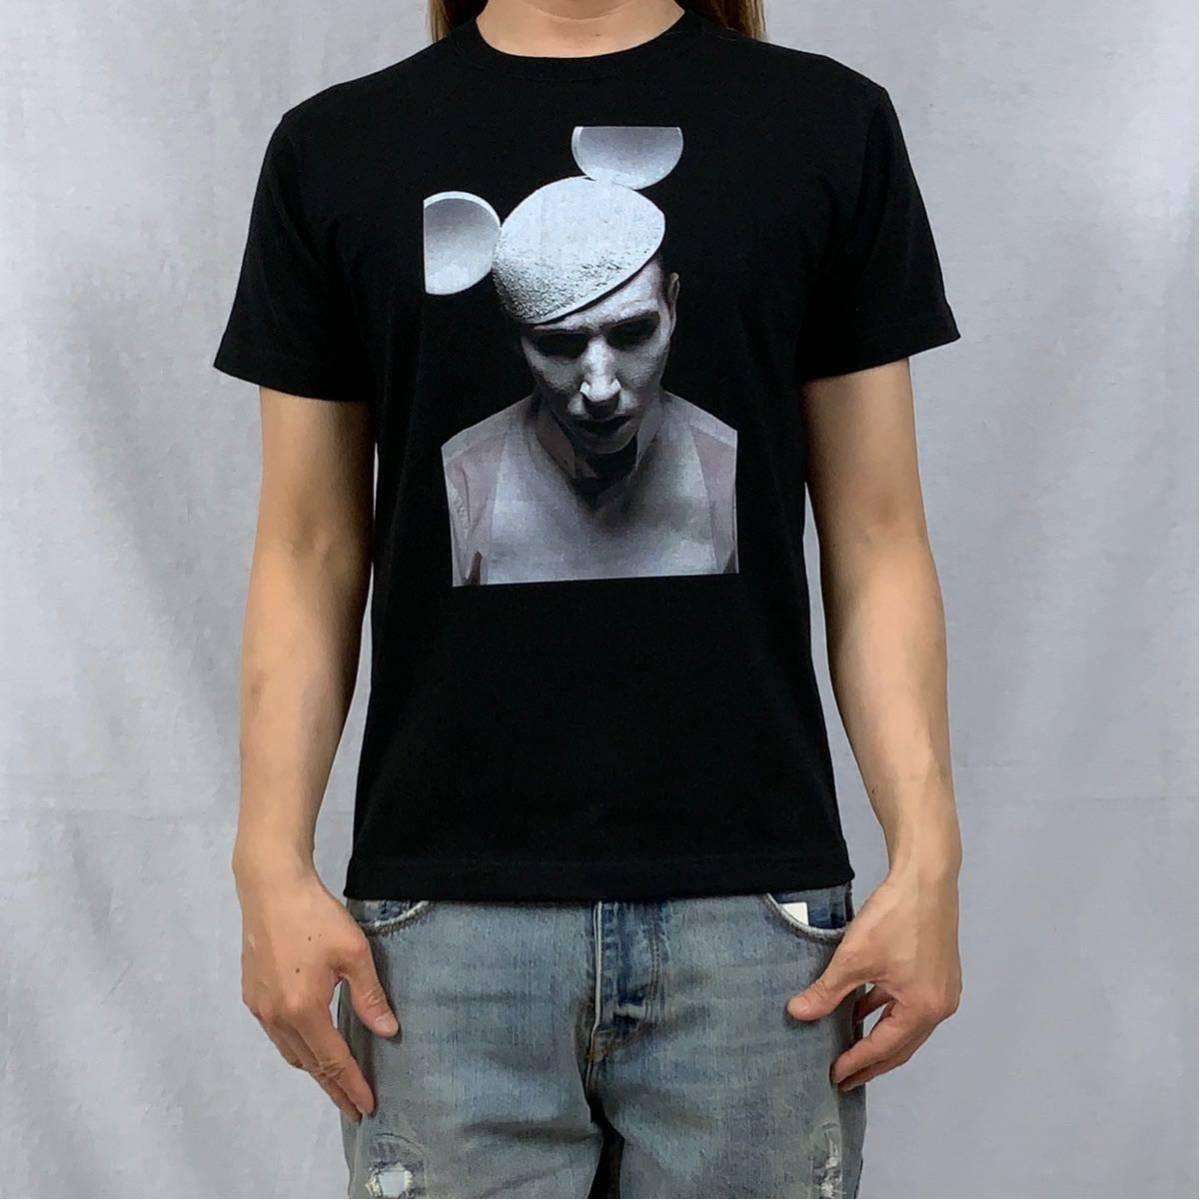 新品 マリリンマンソン ミッキー 耳 帽子 ゴシック ロック バンド 黒 Tシャツ S M L XL ビッグ オーバー サイズ XXL~5XL ロンT パーカー 可